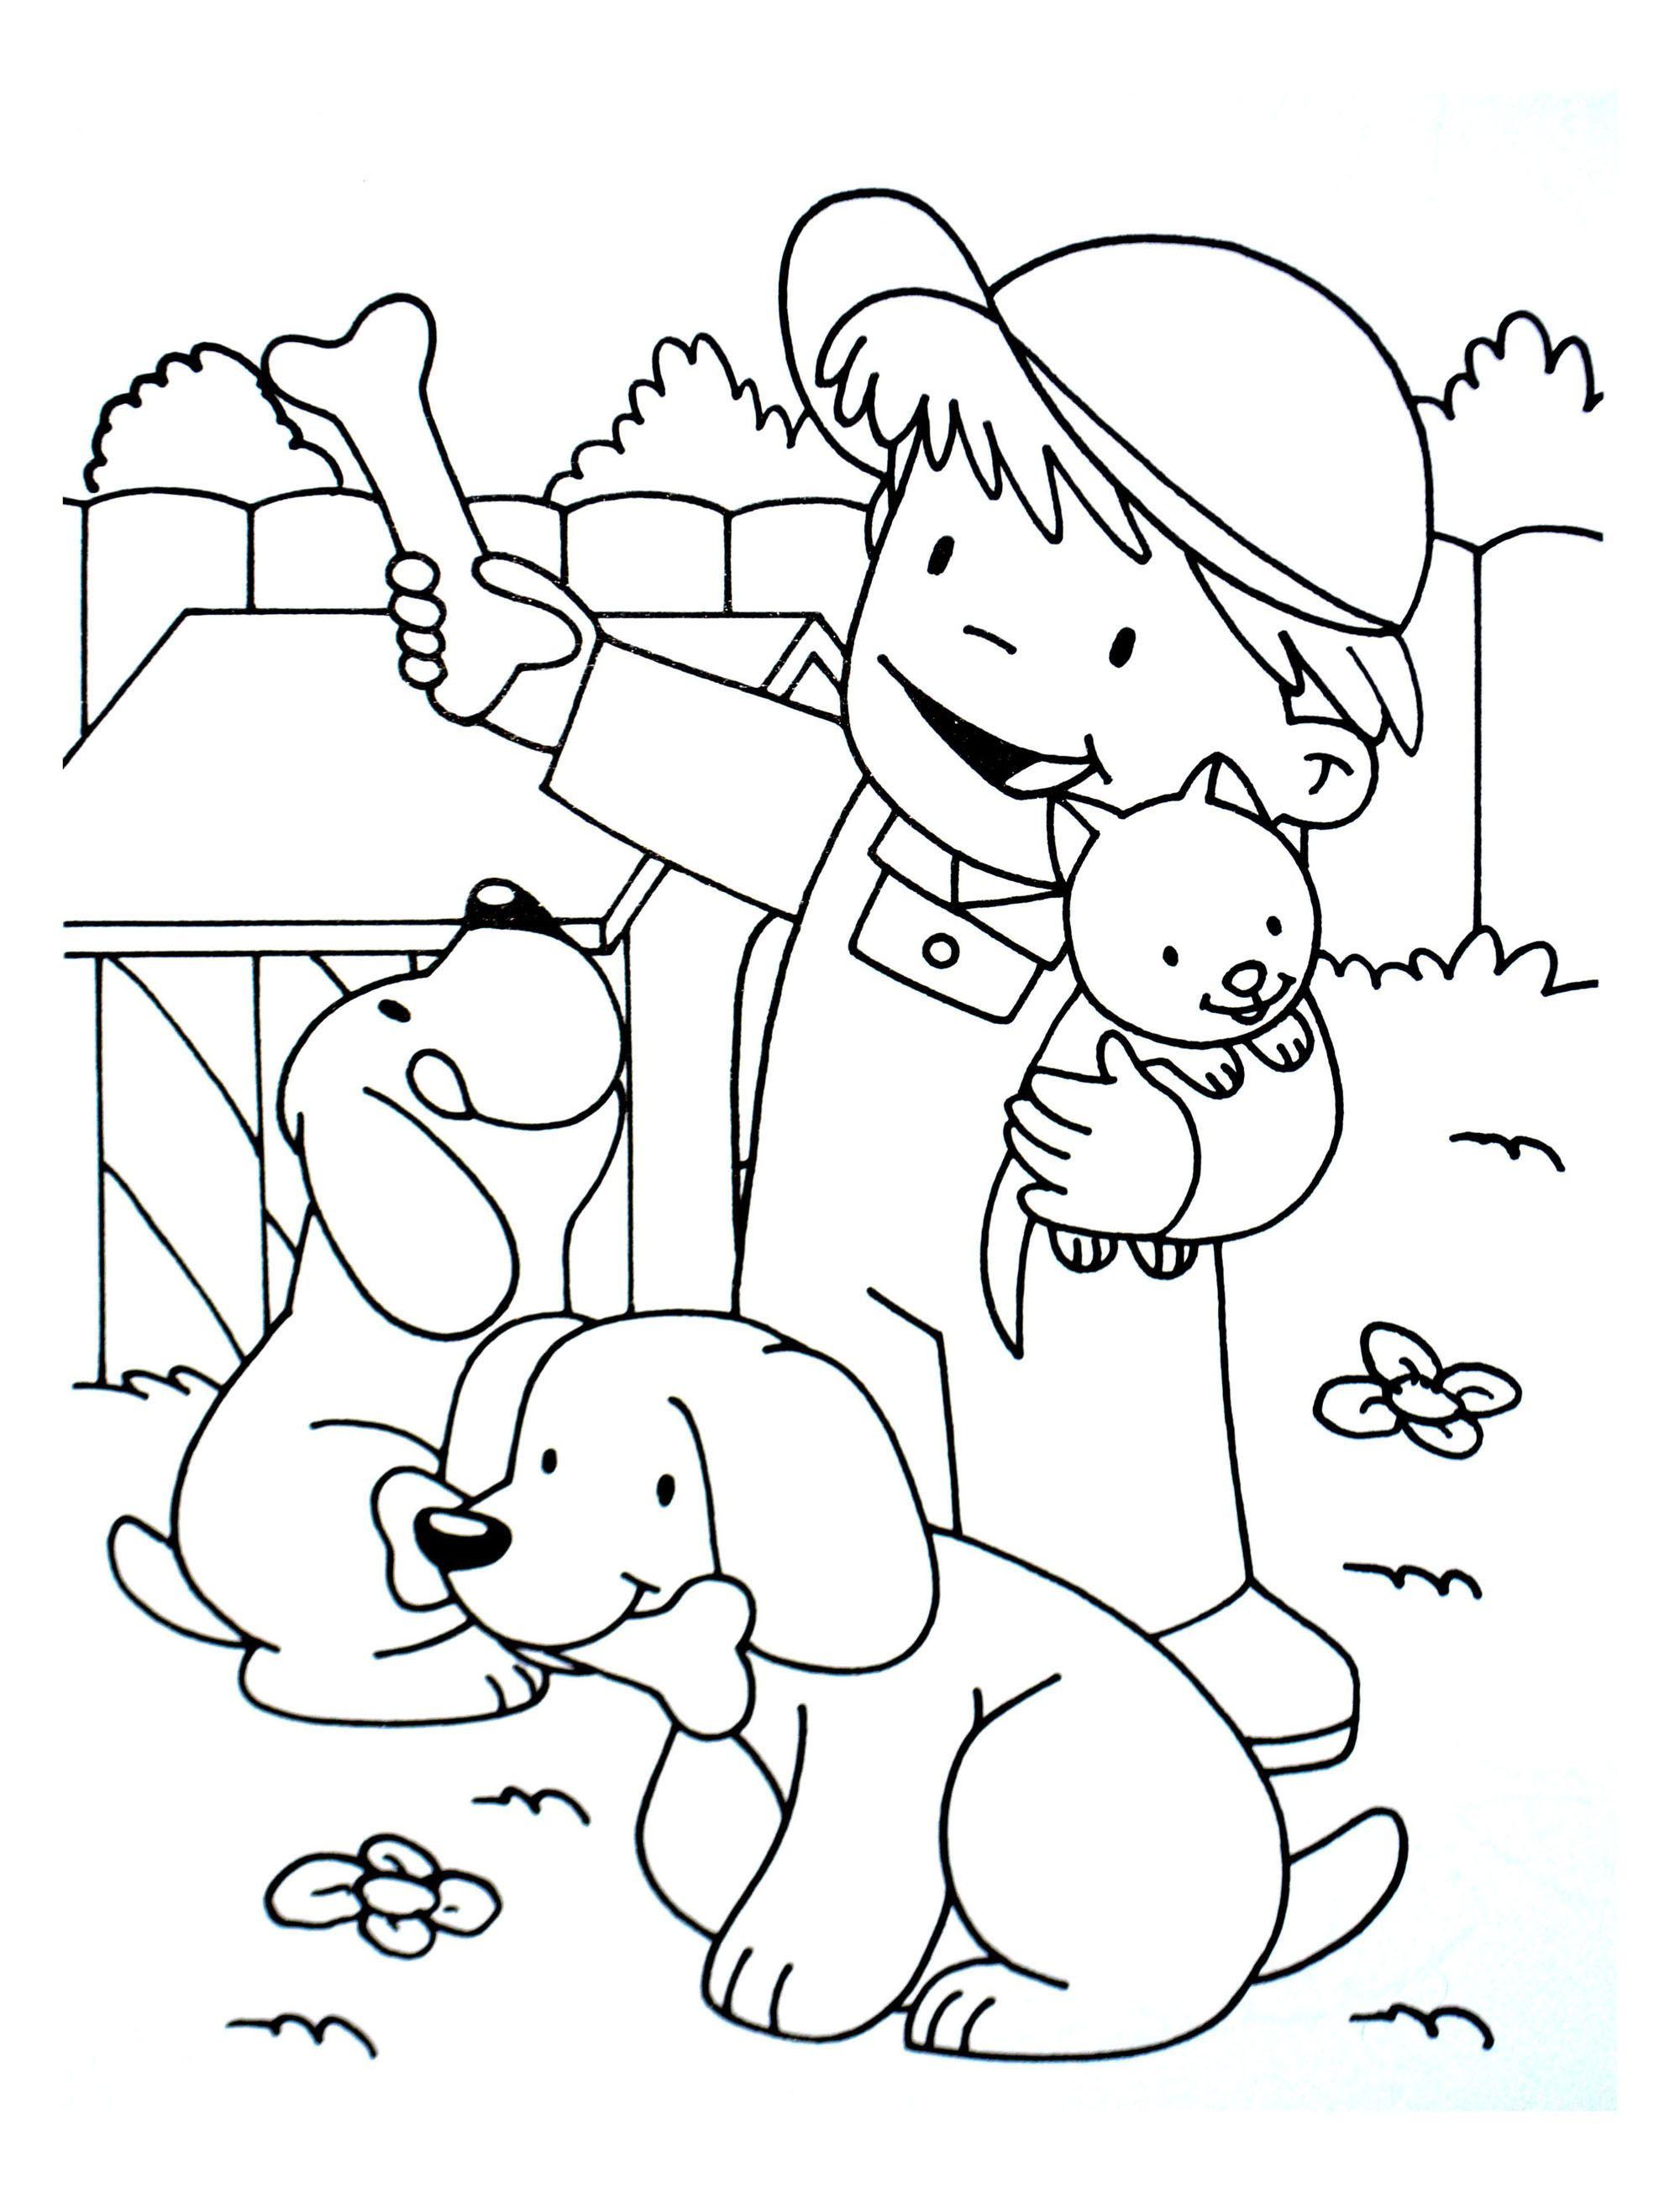 Coloriages pour enfants de chiens gratuits  imprimer